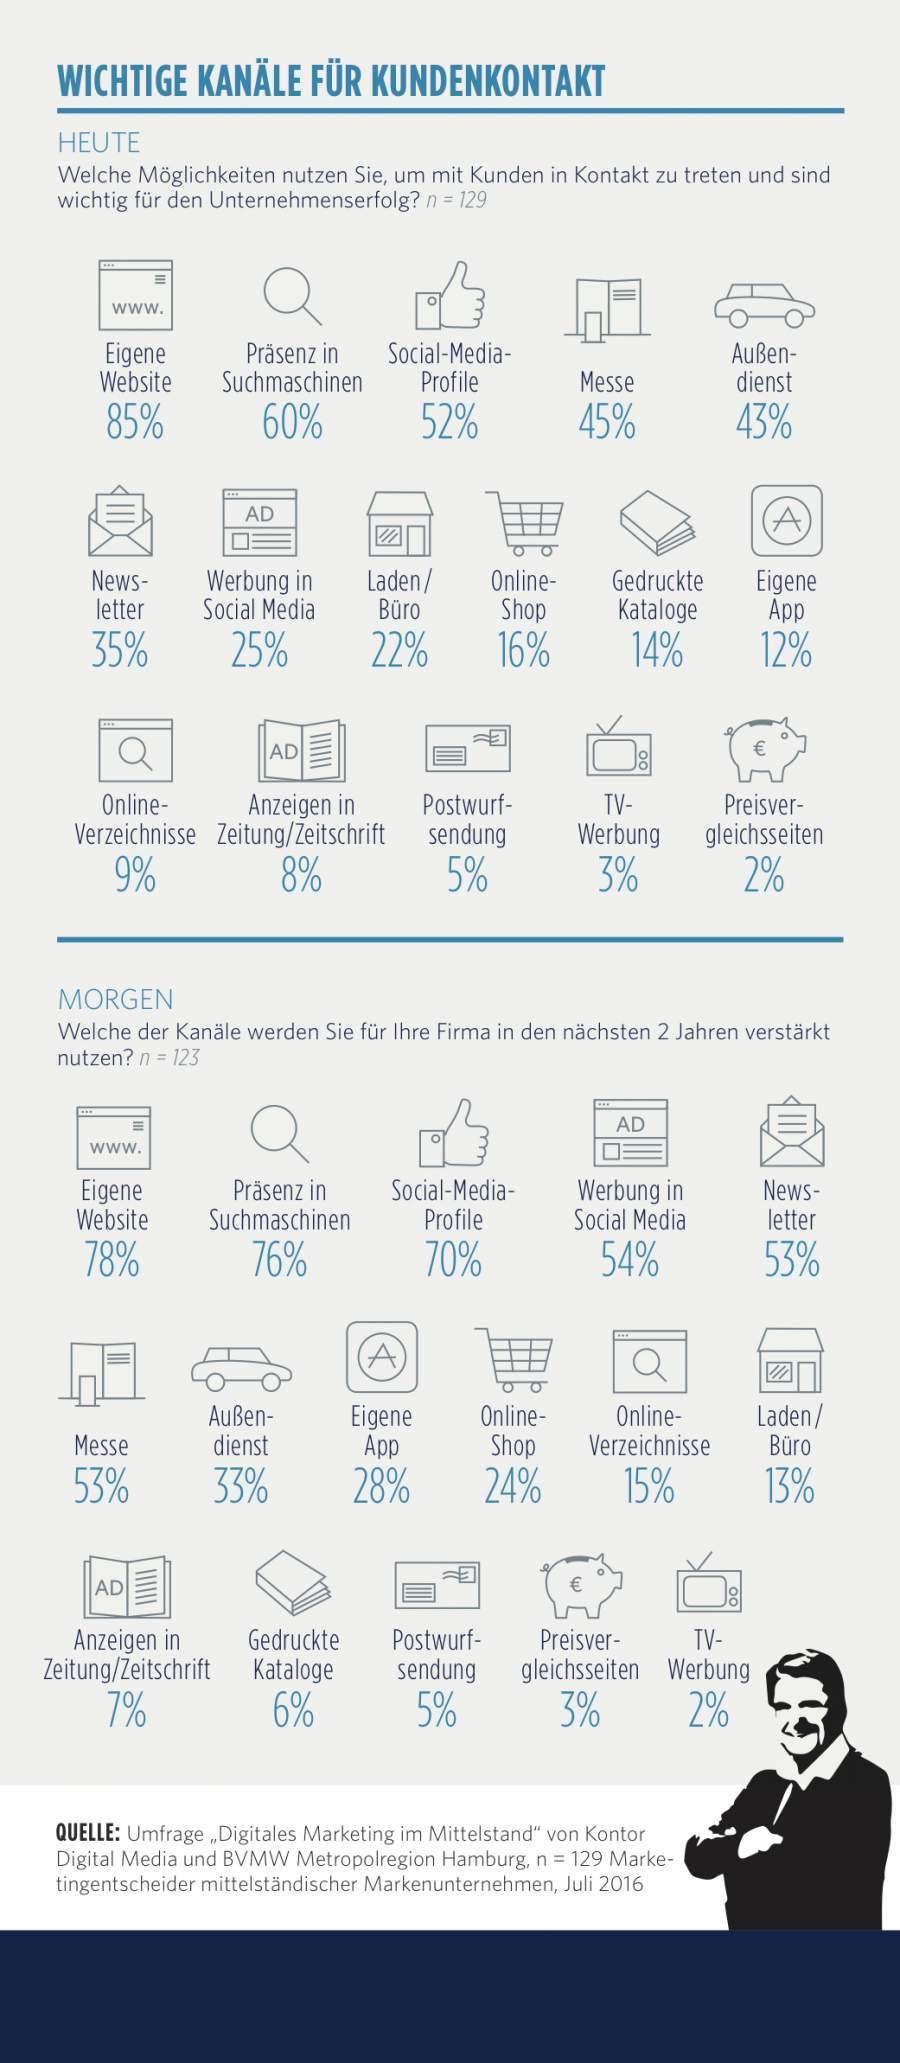 Infografik, die zeigt, dass sechs der zehn wichtigsten Kanäle für den Kundenkontakt online sind.